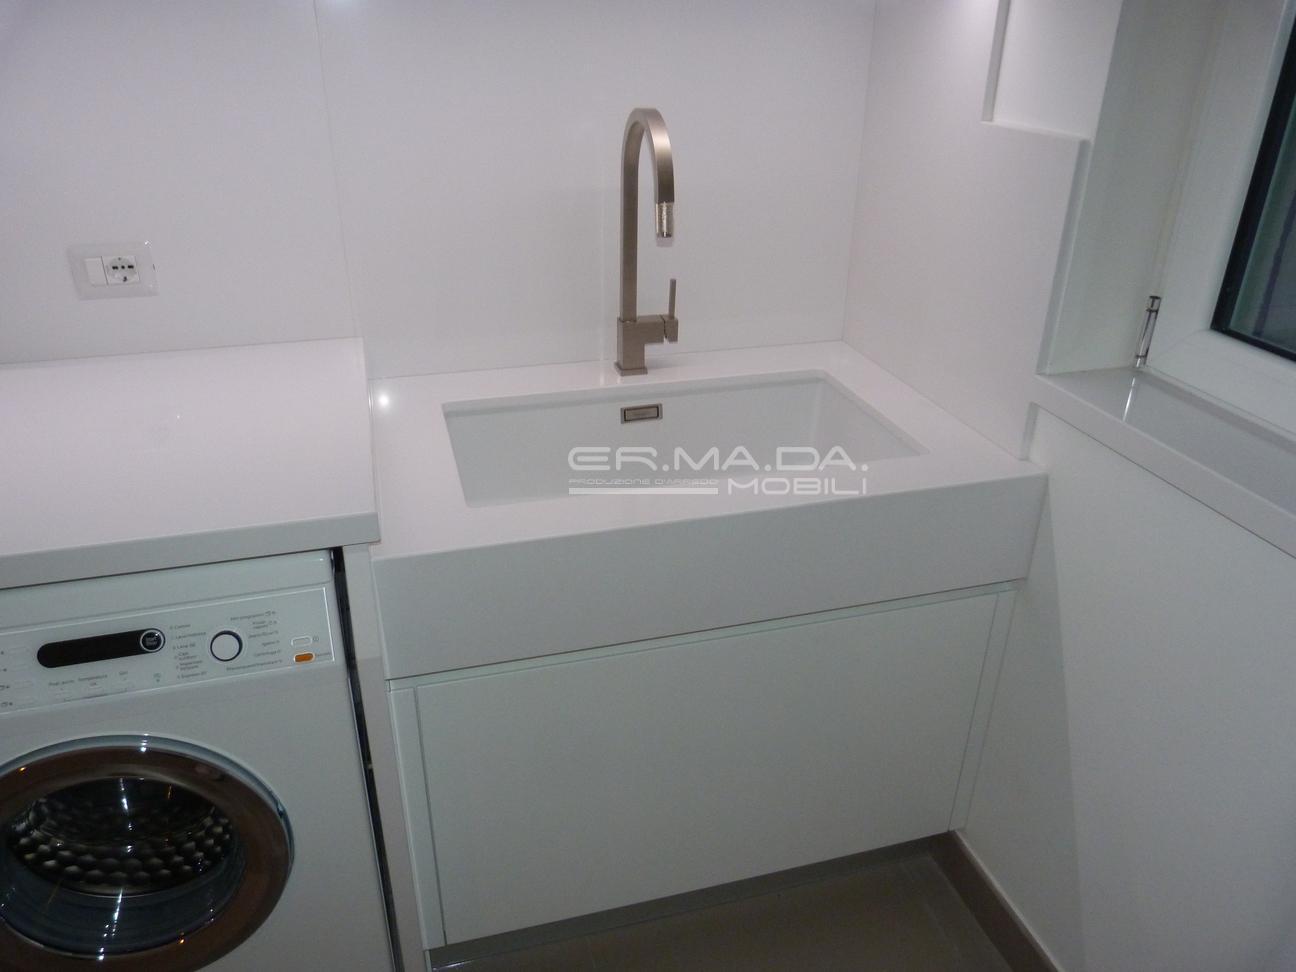 Bagno lavanderia 6 er. ma. da. mobilificio progetta e costruisce